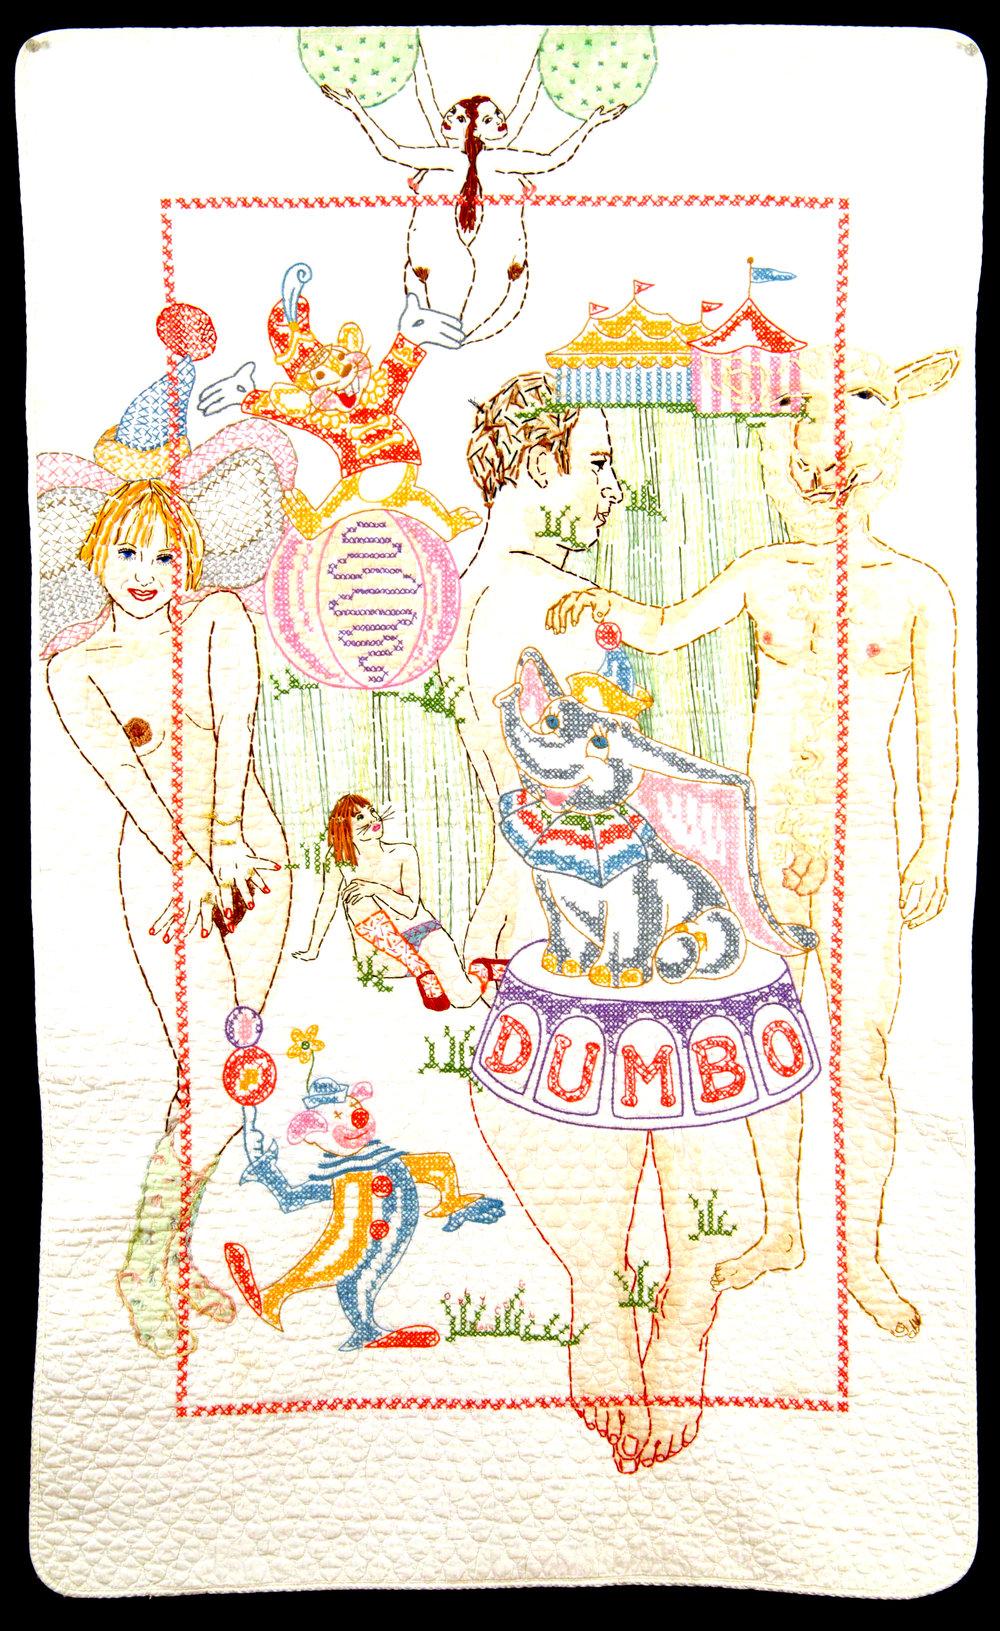 Dumbobig.jpg